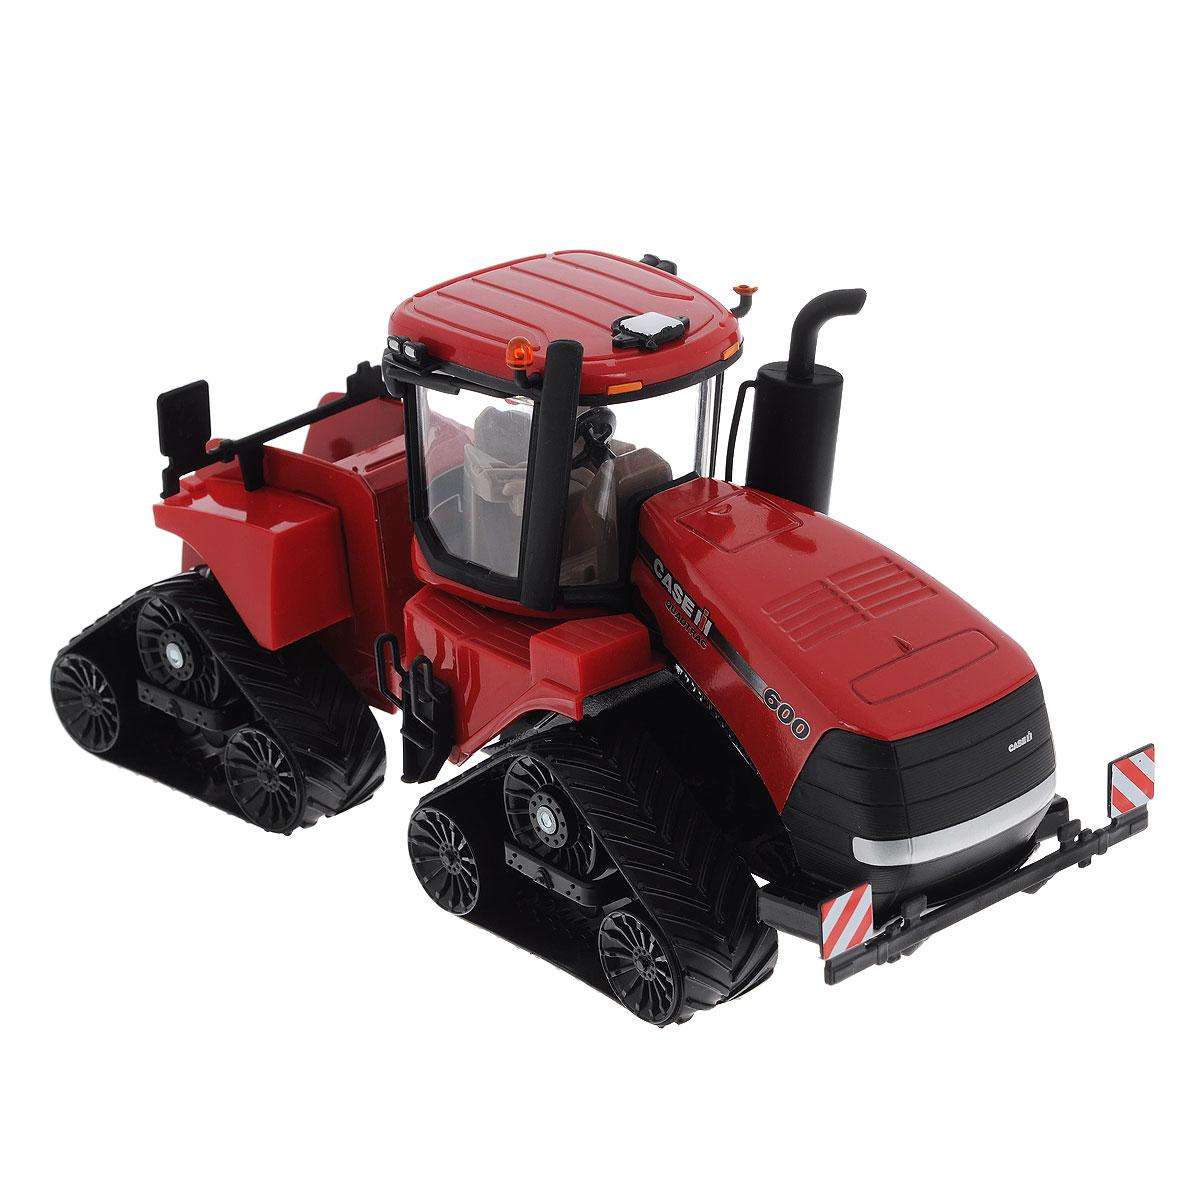 """Коллекционная модель Siku """"Трактор Case IH Quadtrac 600"""" выполнена в виде точной копии гусеничного трактора в масштабе 1/32. Такая модель понравится не только ребенку, но и взрослому коллекционеру и приятно удивит вас высочайшим качеством исполнения. Корпус трактора выполнен из металла, кабина из пластика, а стекла кабины трактора из прозрачного пластика. Трактор снабжен гусеничным механизмом со свободным ходом, что обеспечивает игрушке устойчивость и хорошую проходимость. Кабина трактора снимается. Колесики модели вращаются. Коллекционная модель отличается великолепным качеством исполнения и детальной проработкой, она станет не только интересной игрушкой для ребенка, интересующегося агротехникой, но и займет достойное место в коллекции."""